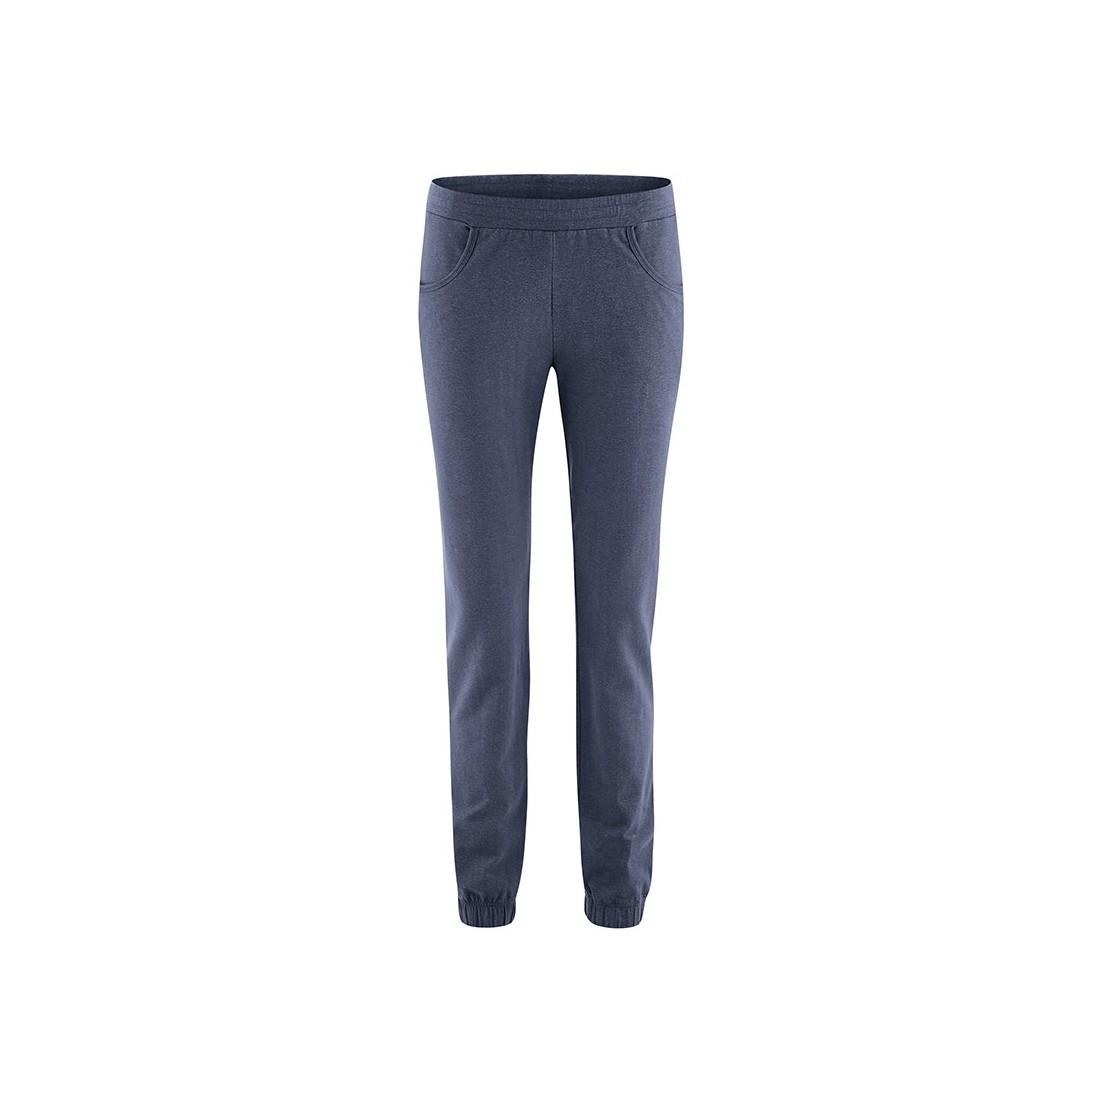 398b5befa62e0 Pantalon jogging slim femme. Pantalon jogging prêt du corps. Loading zoom